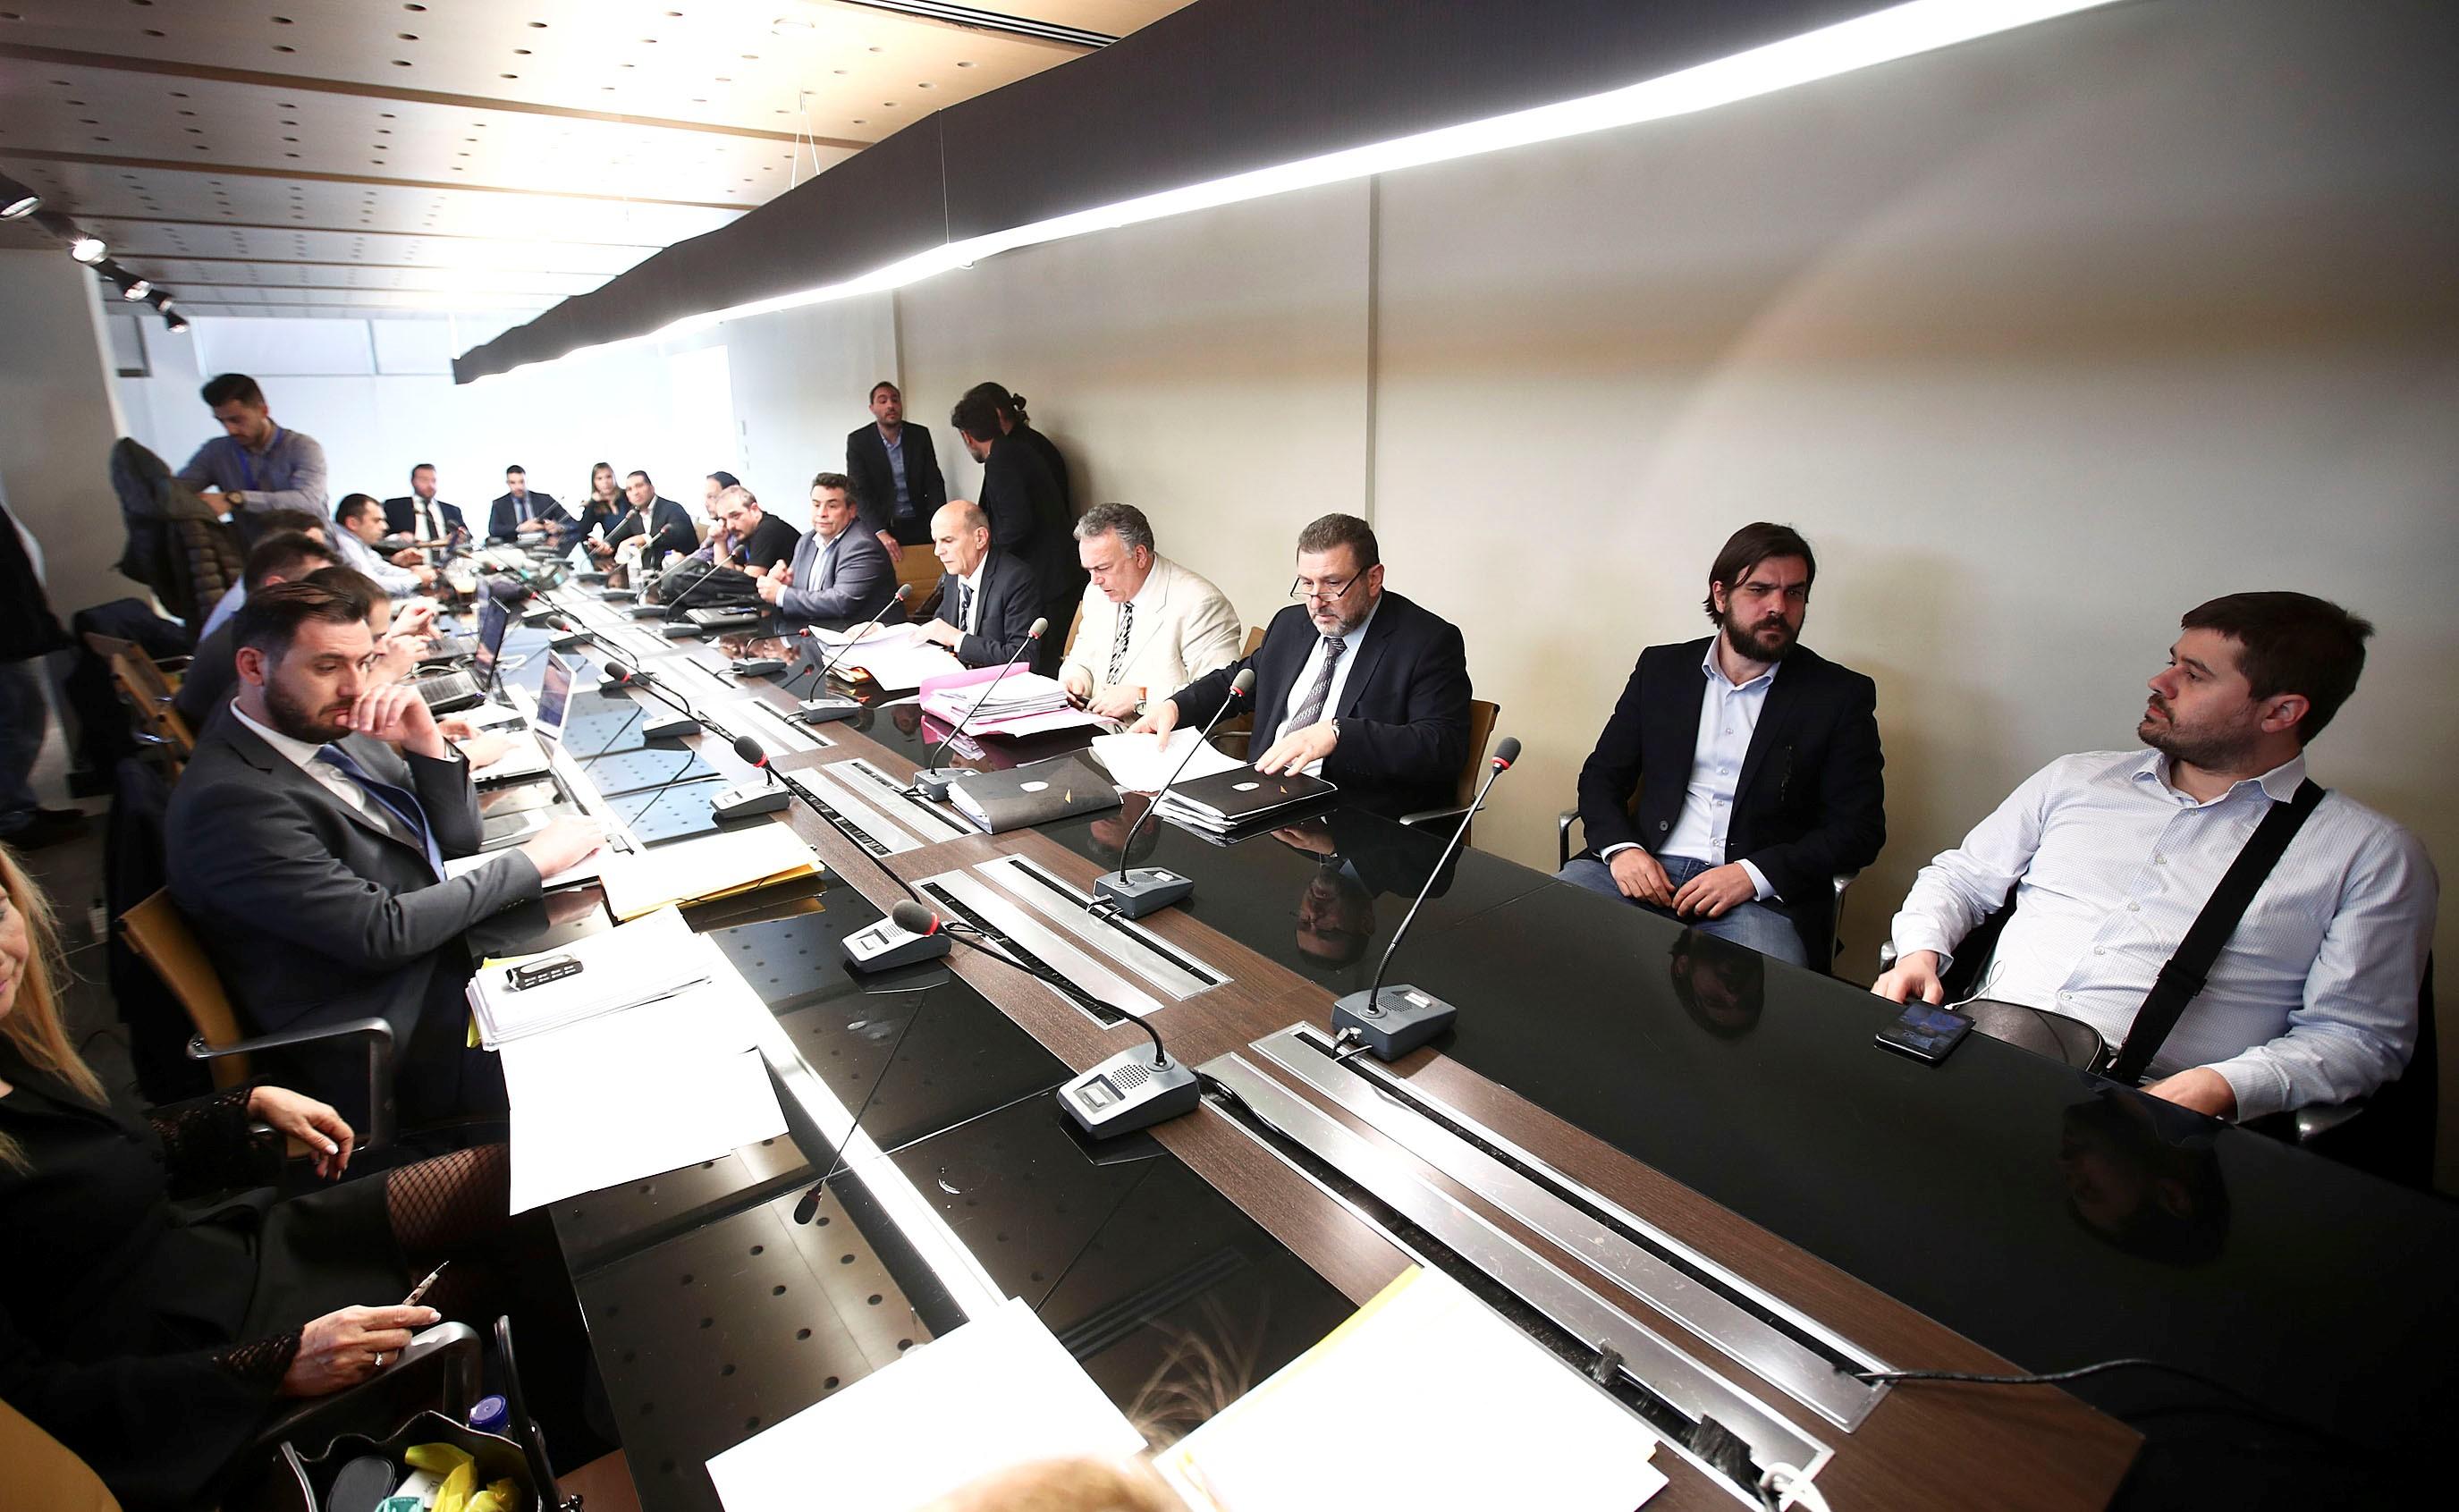 Πολύωρη ήταν η συνεδρίαση της Επιτροπής Εφέσεων για τον διακοπέντα αγώνα ΠΑΟΚ-ΑΕΚ